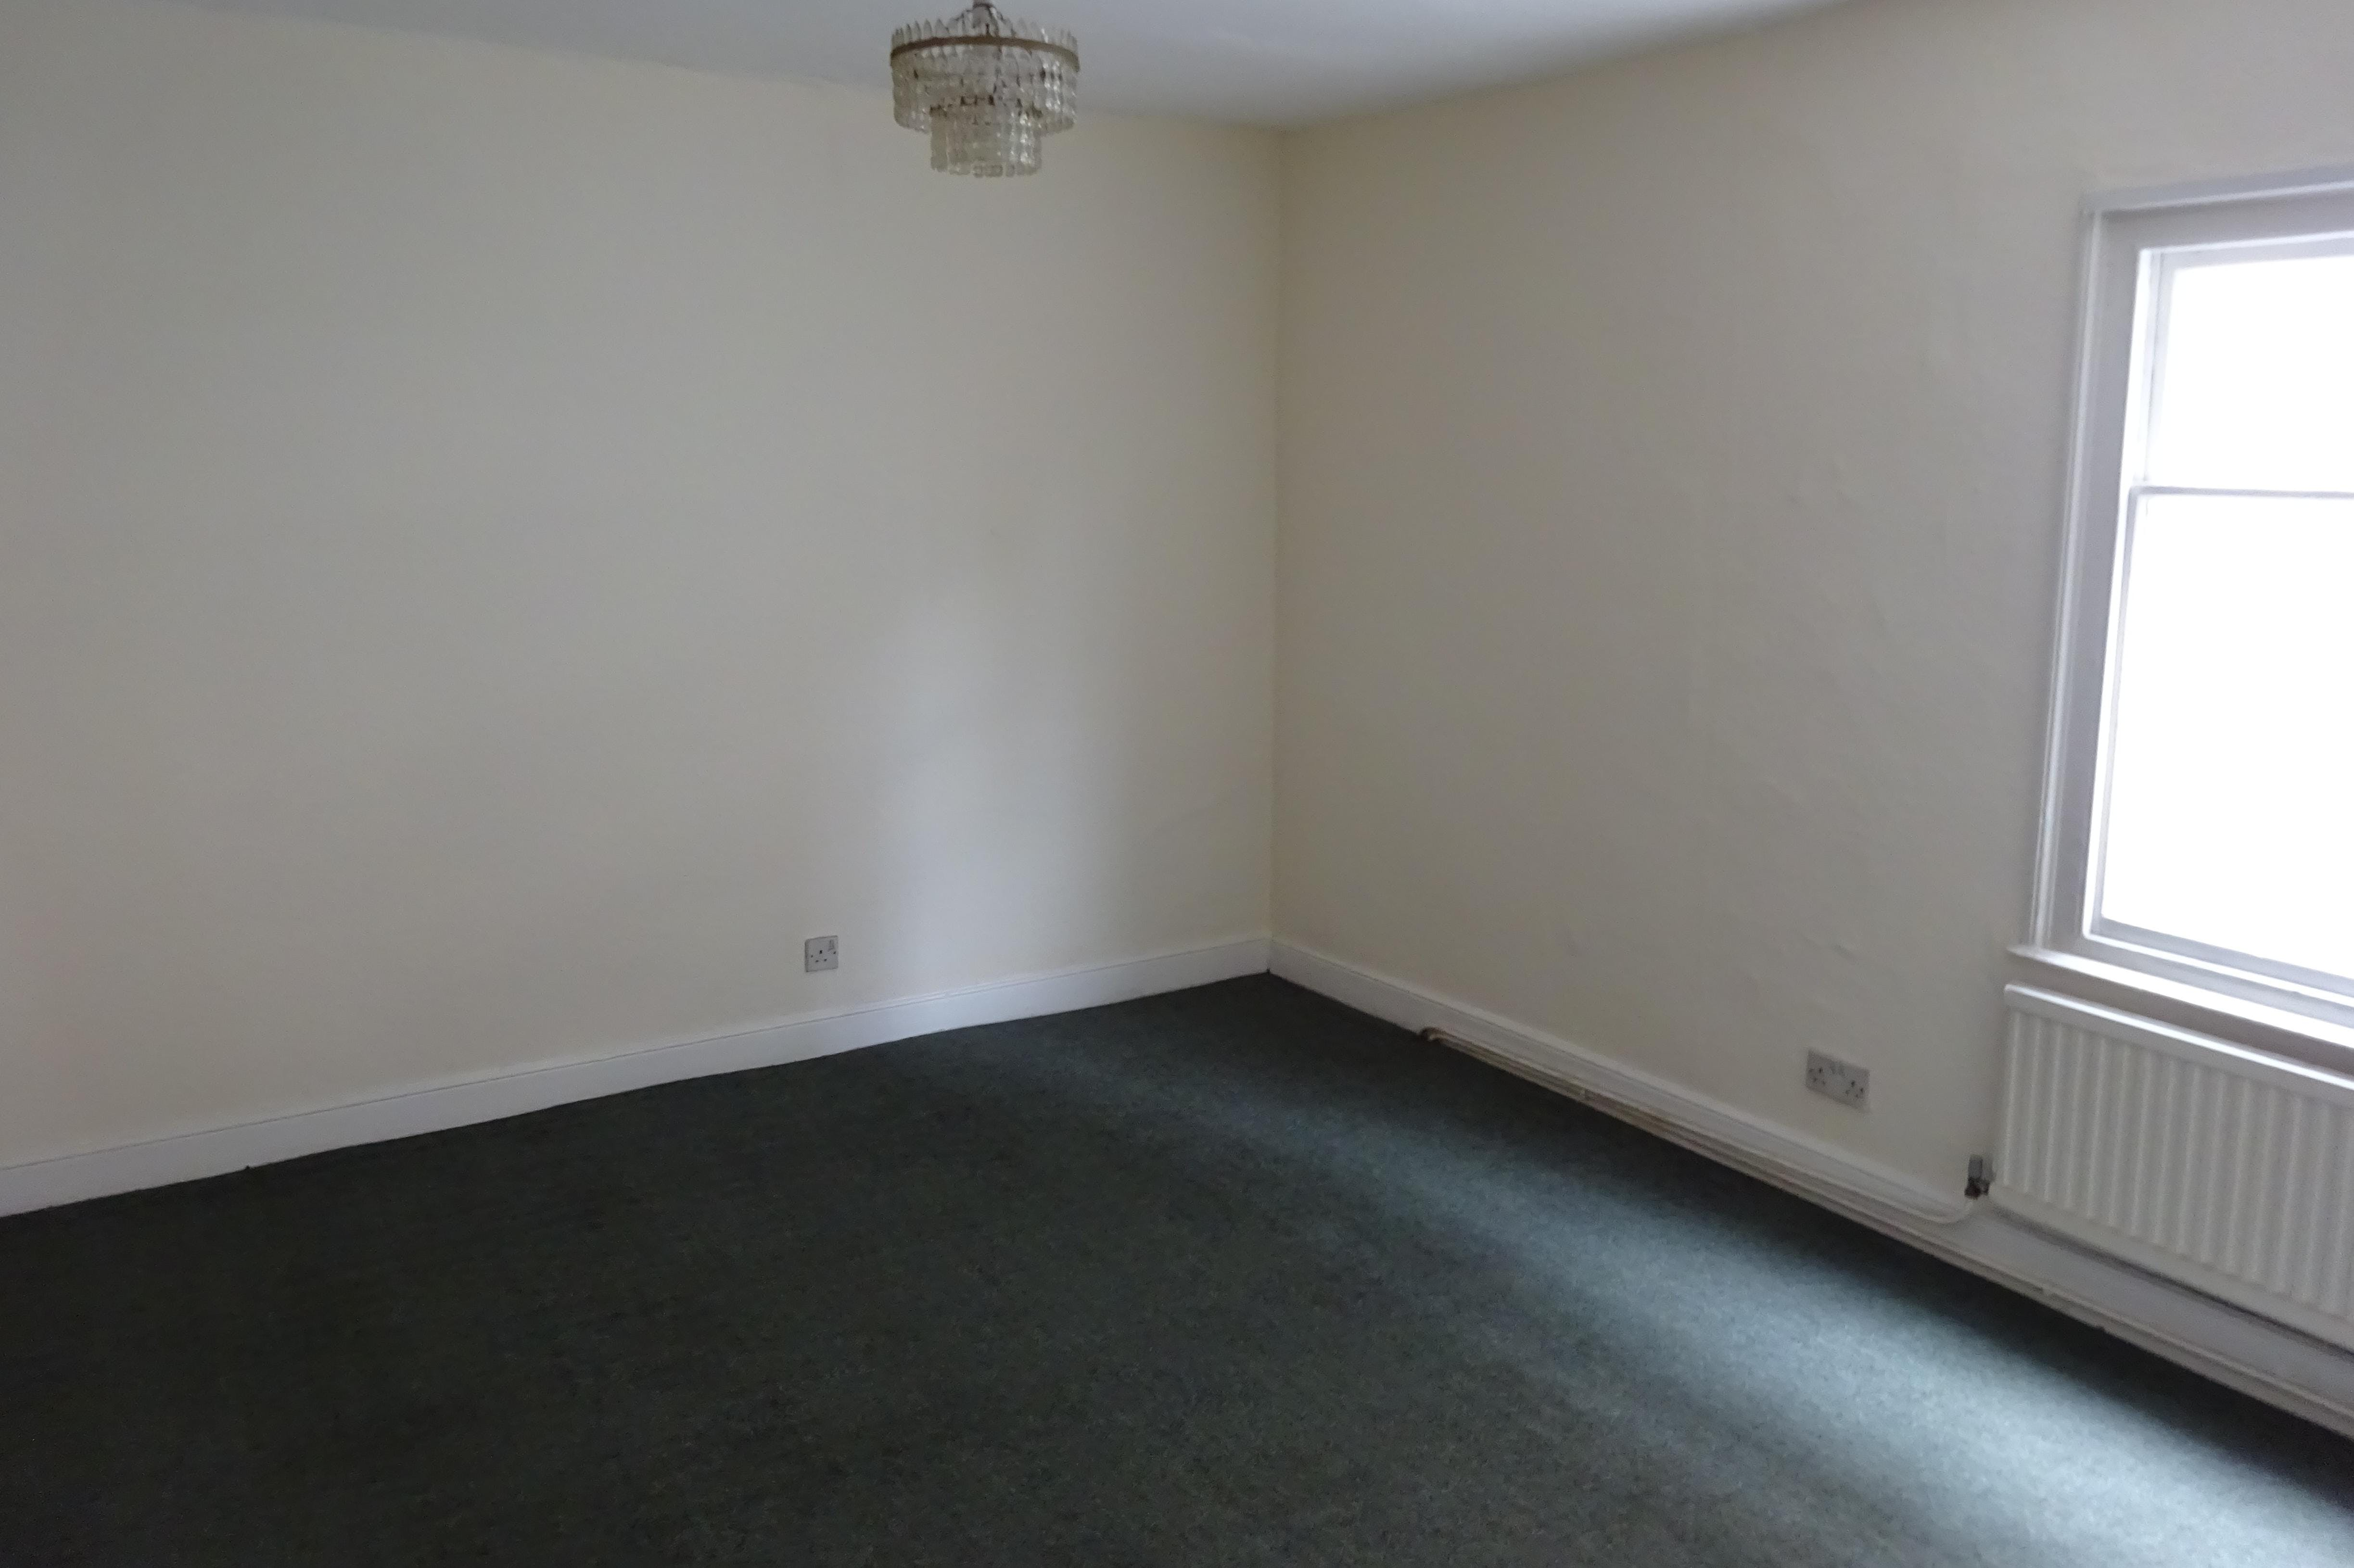 22-24 Bank Street, Sheffield, Offices / Development (Land & Buildings) For Sale - DSC00235.JPG